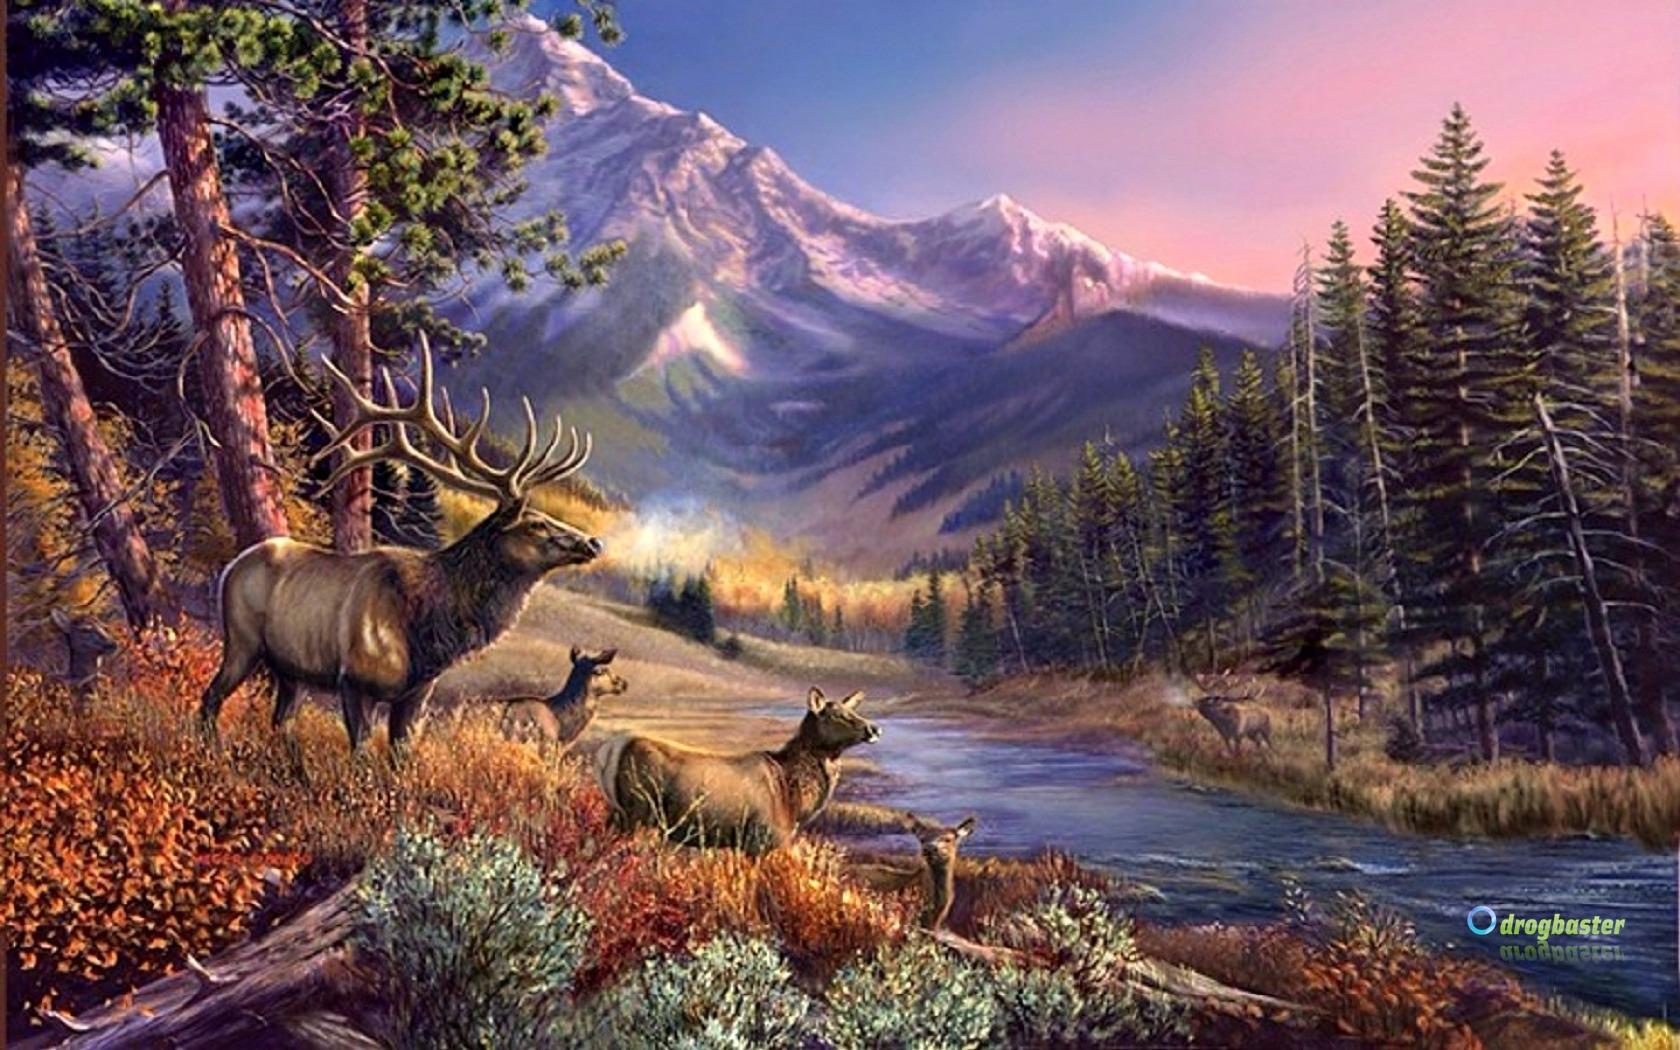 Sfondilandia immagini e wallpaper natura paesaggi e animali